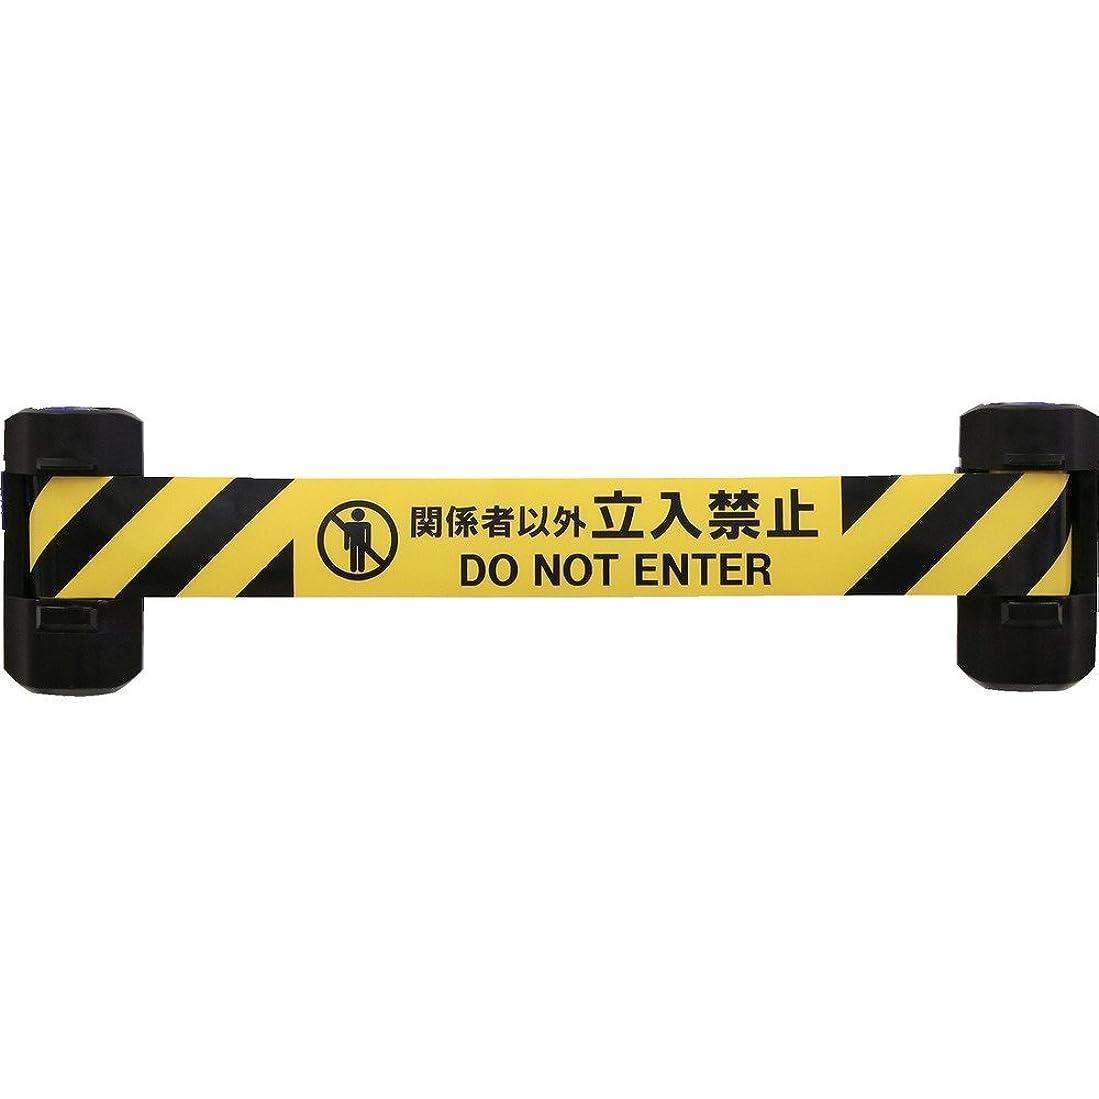 Reelex 自動巻きダブルバリアリール(シート長さ12m) BRS-W606D ガードテープ